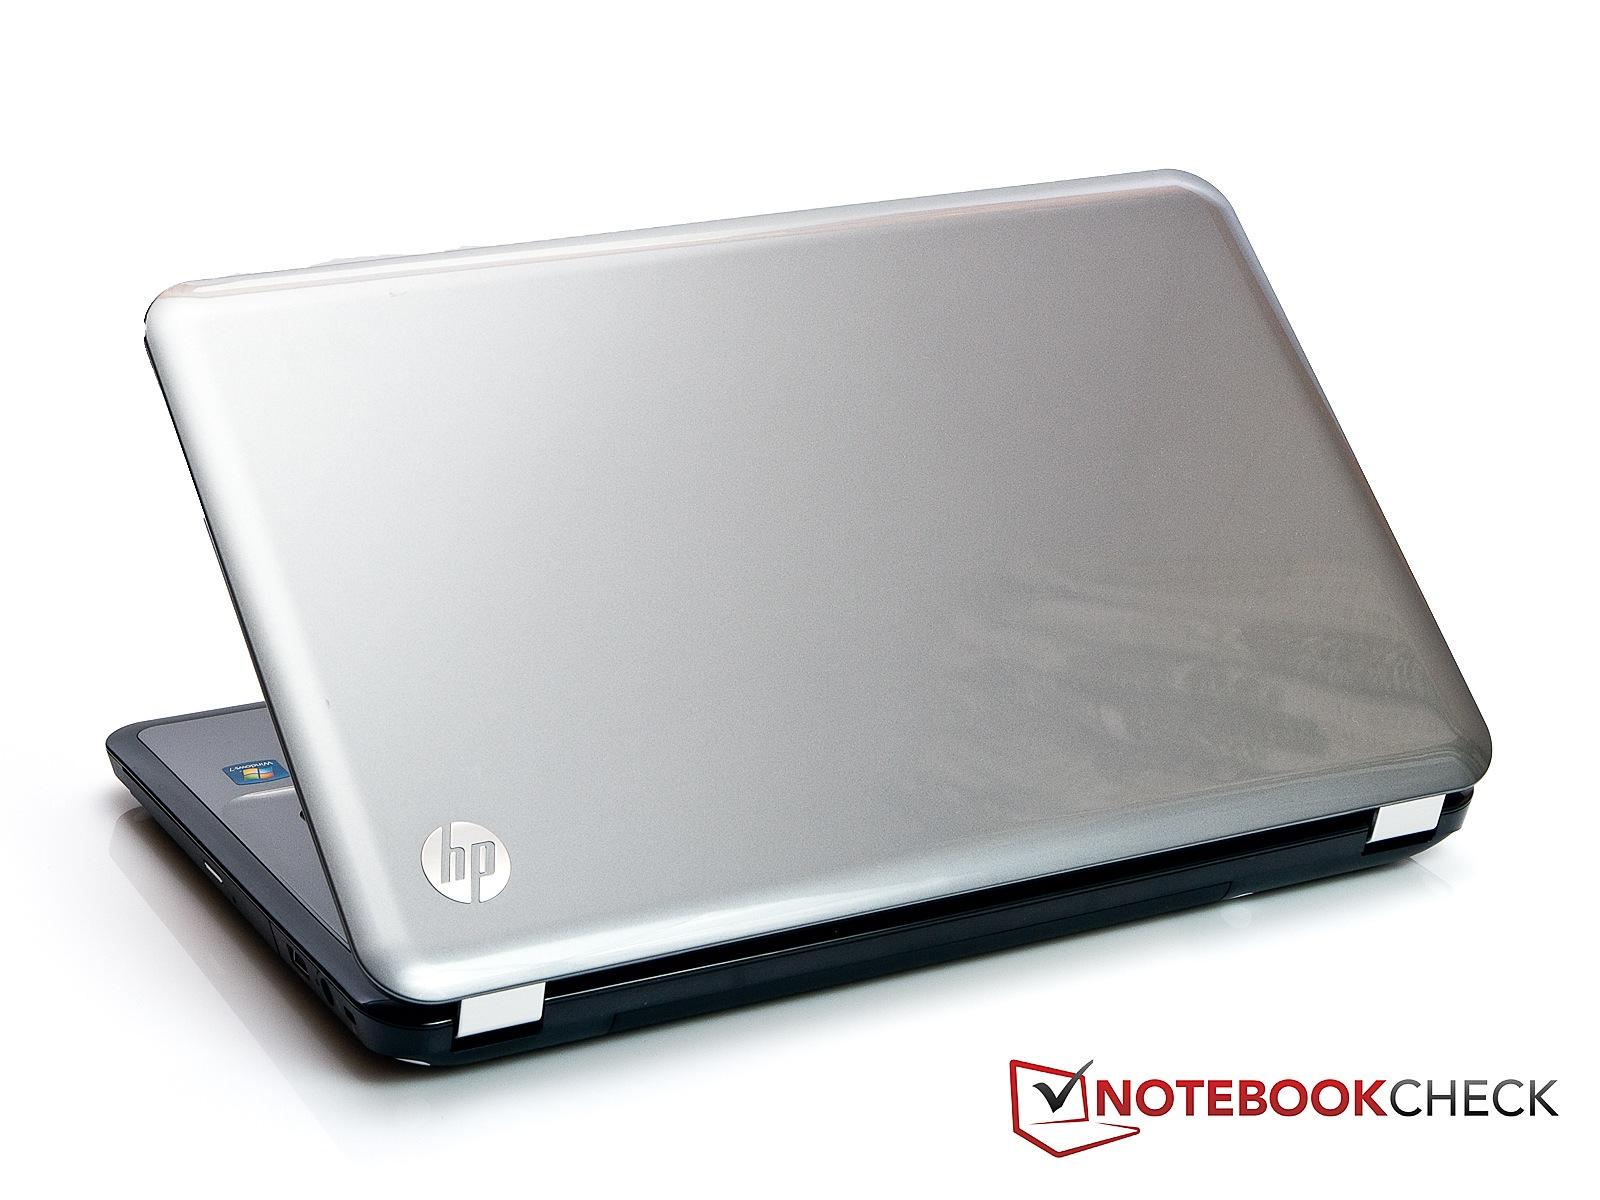 Скачать драйвера звука для ноутбука